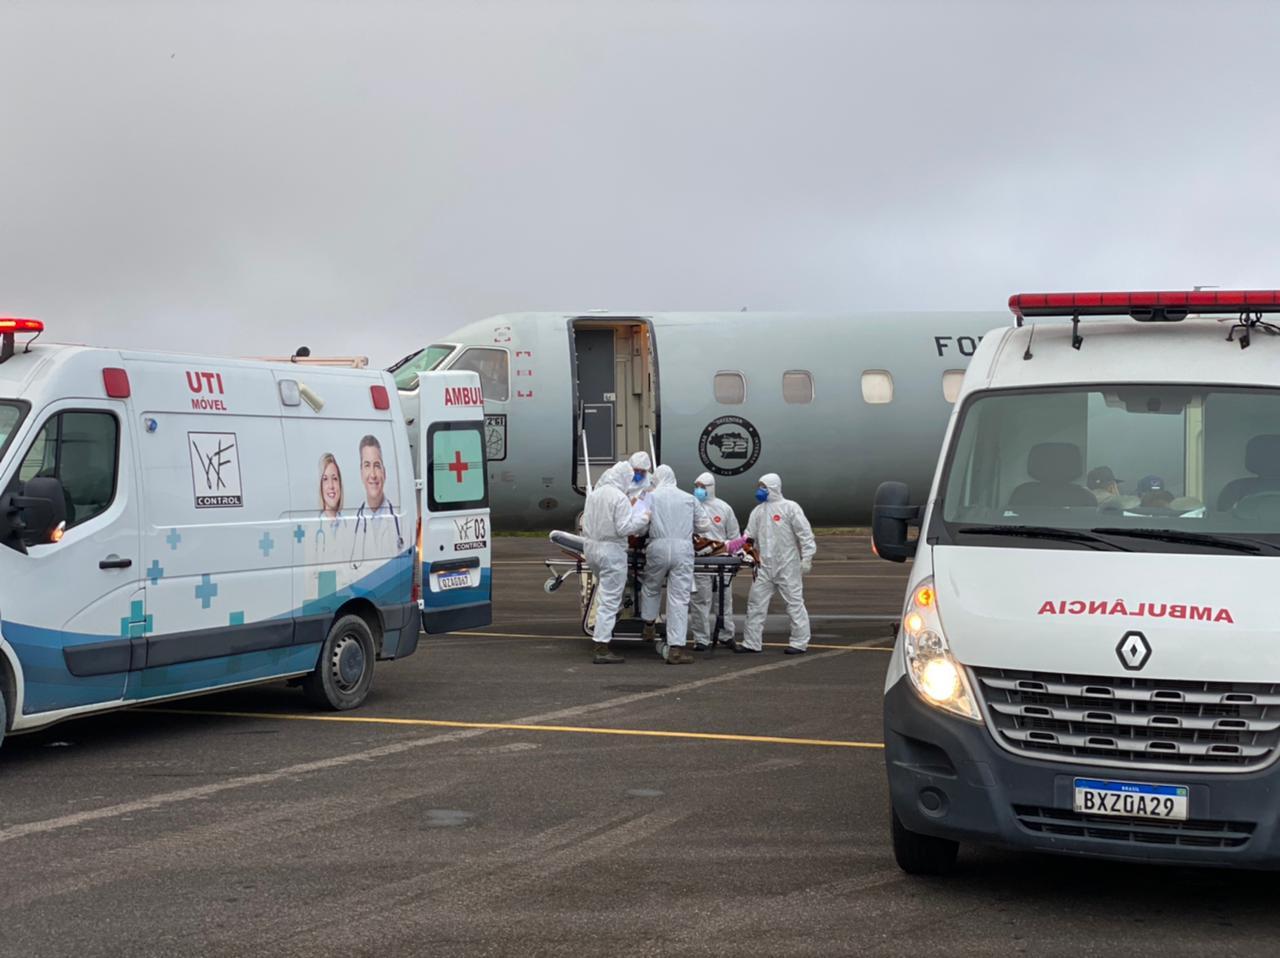 Manaus envia pacientes com Covid-19 para Teresina - Foto: Divulgação/ Força Aérea Brasileira